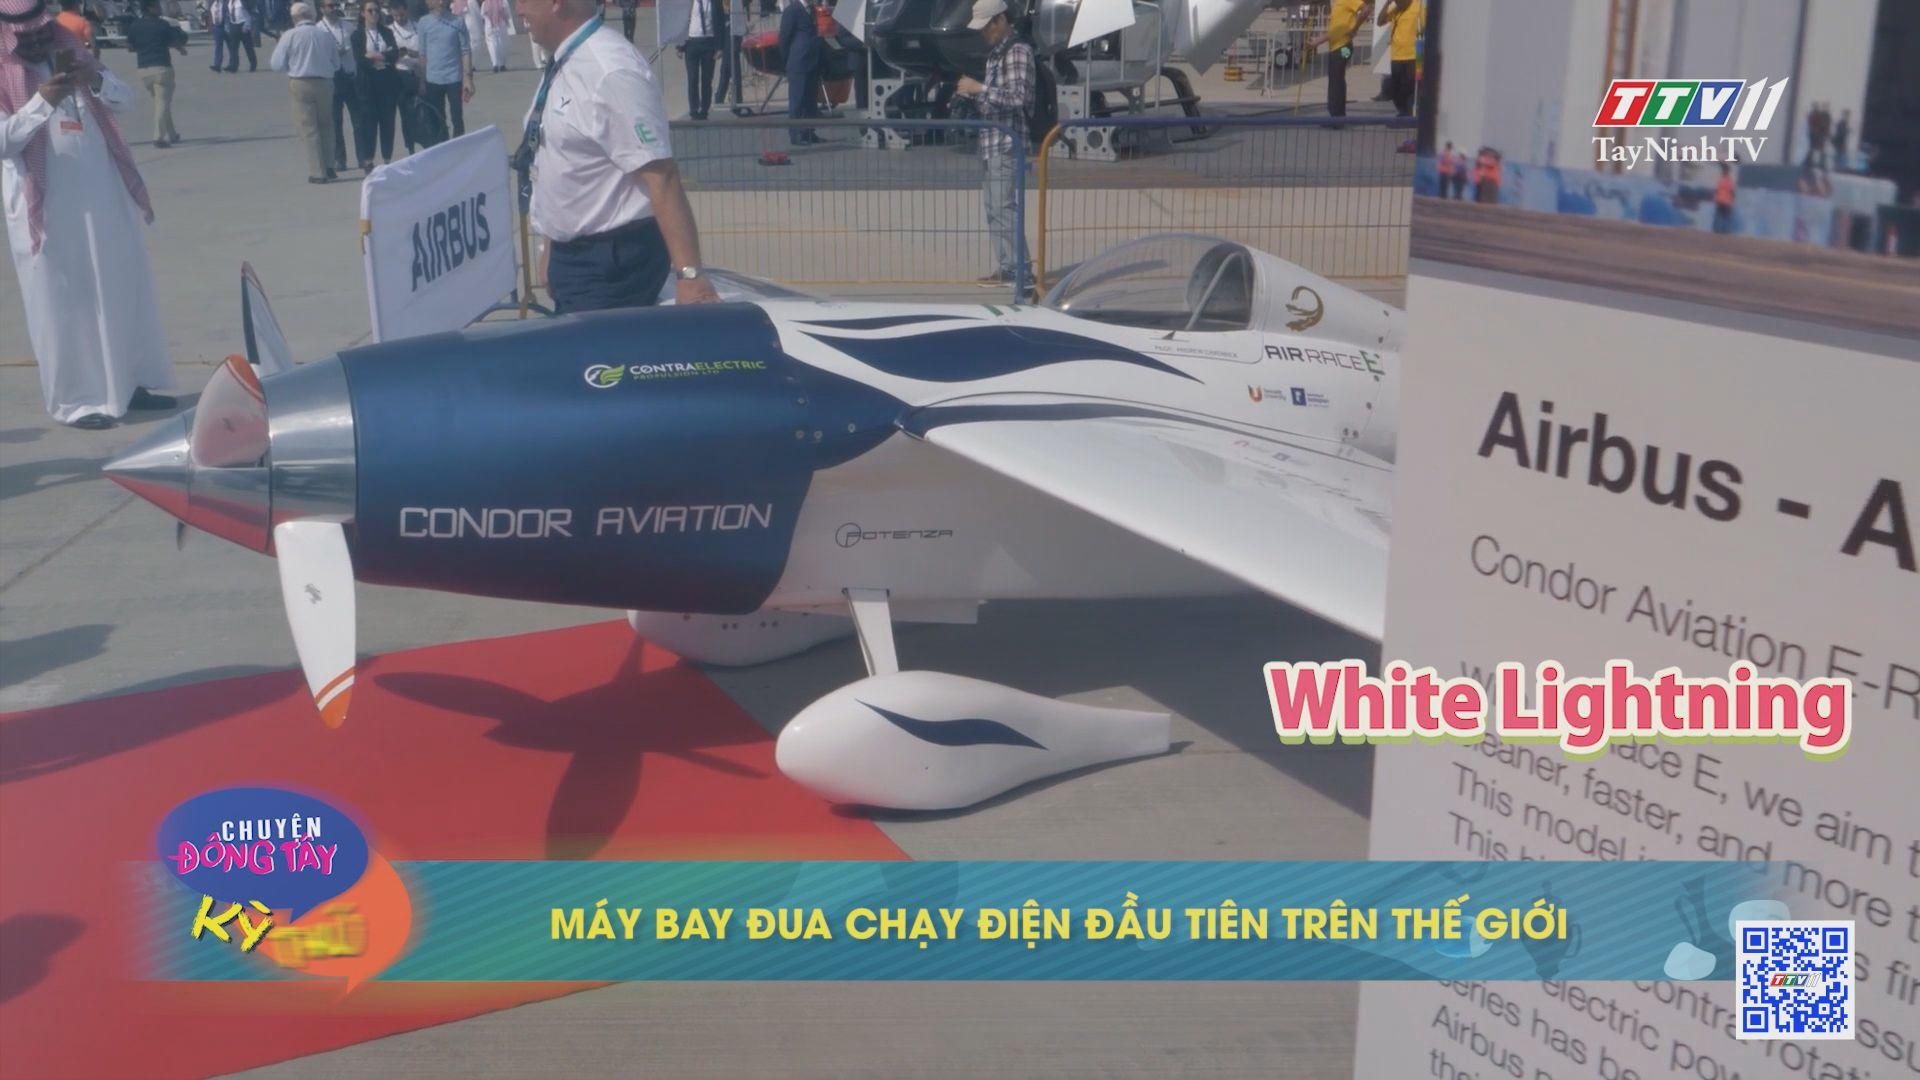 Máy bay đua chạy điện đầu tiên trên thế giới | CHUYỆN ĐÔNG TÂY KỲ THÚ | TayNinhTVE